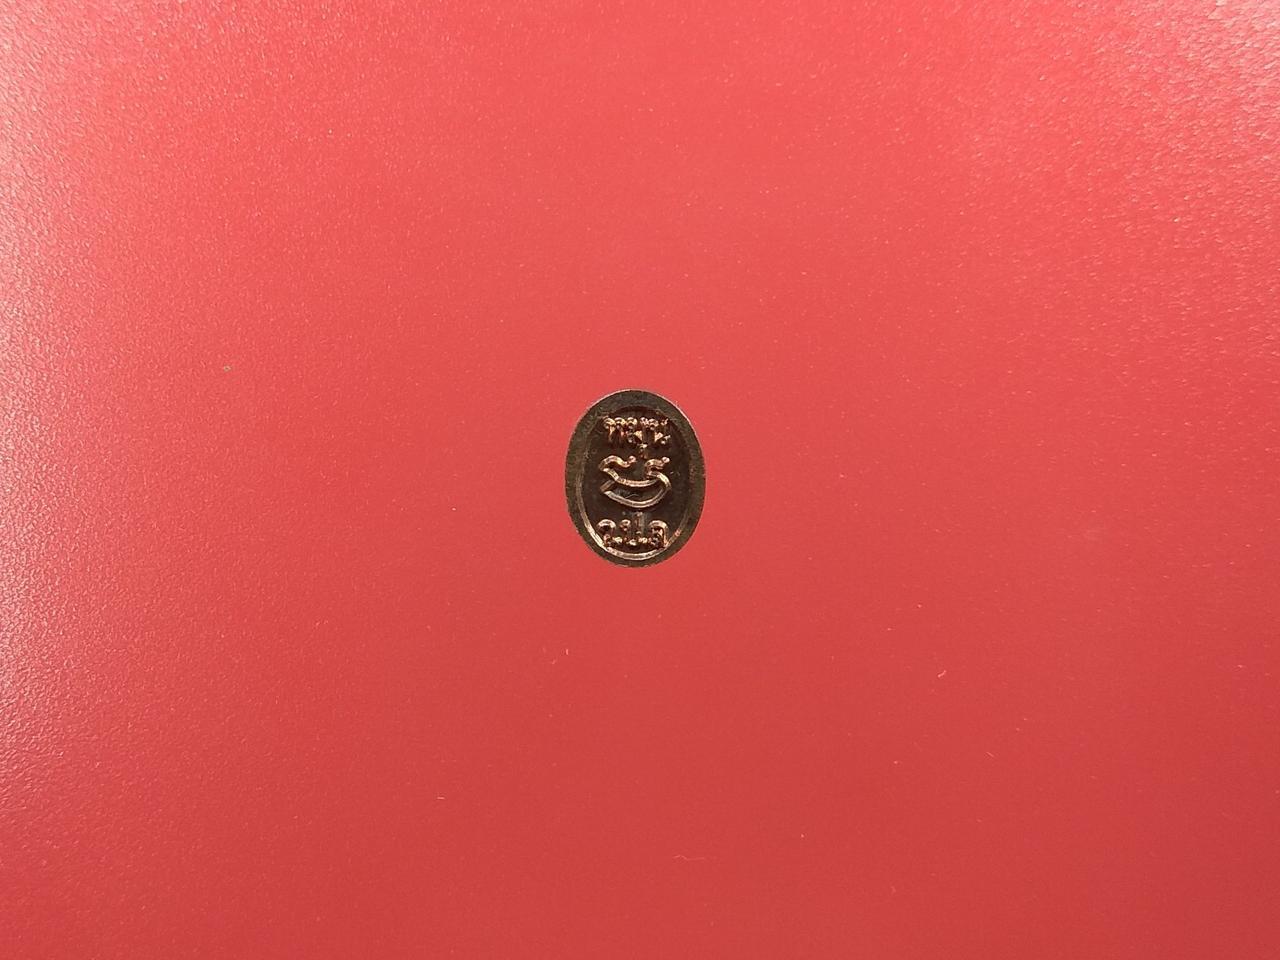 เหรียญเม็ดยาเล็ก วัดป่าหนองหล่ม รุ่นรวยเบิกฟ้า ปี59 รูปที่ 5